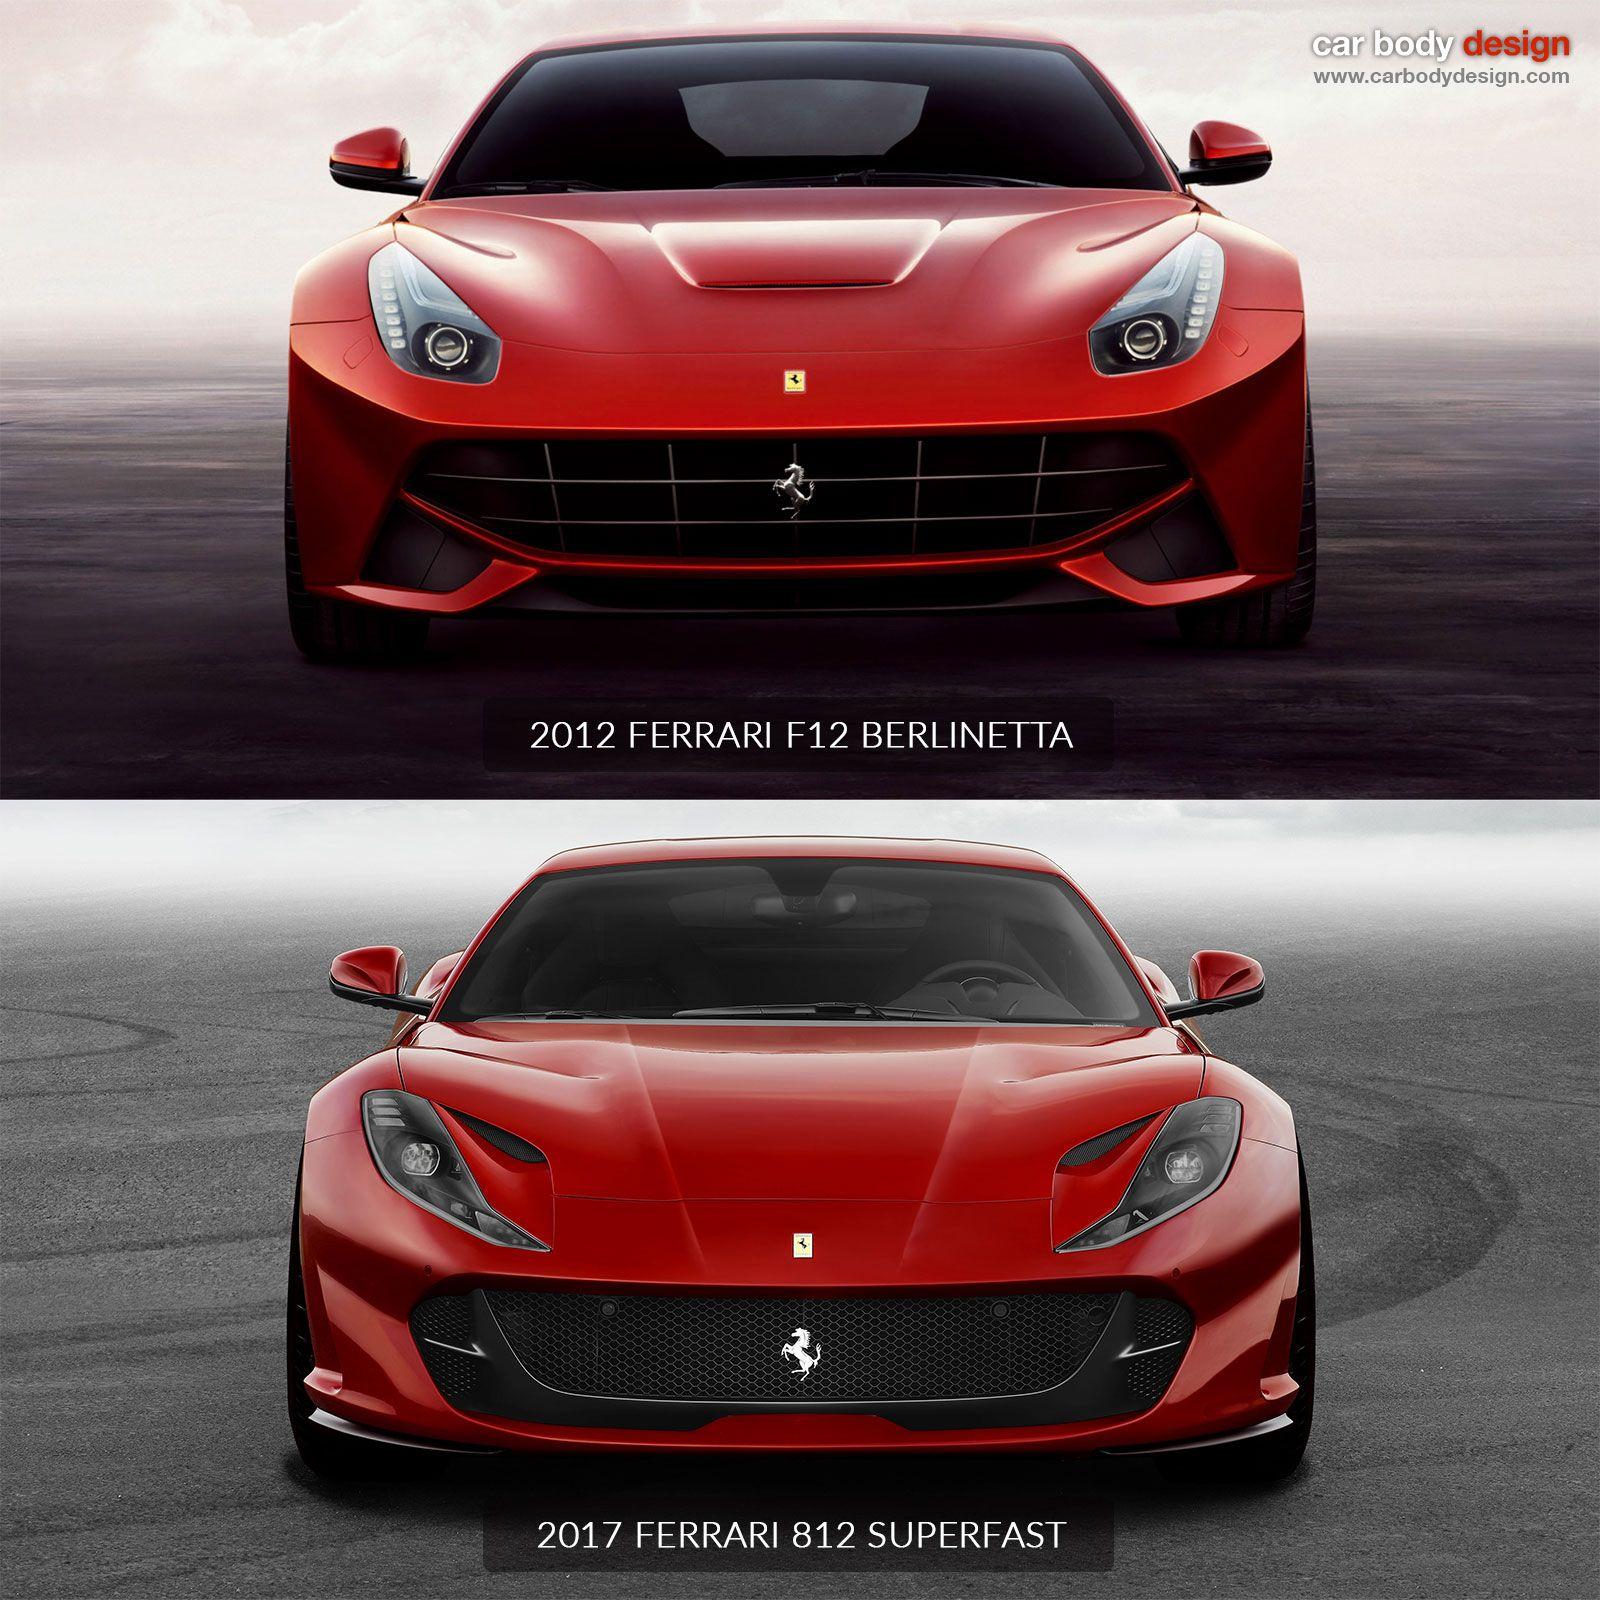 Ferrari 812 Superfast Vs Ferrari F12 Berlinetta The Front End Http Www Carbodydesign Com Gallery 2017 03 Ferrari 812 Superfast Spor Arabalar Spor Arabalar